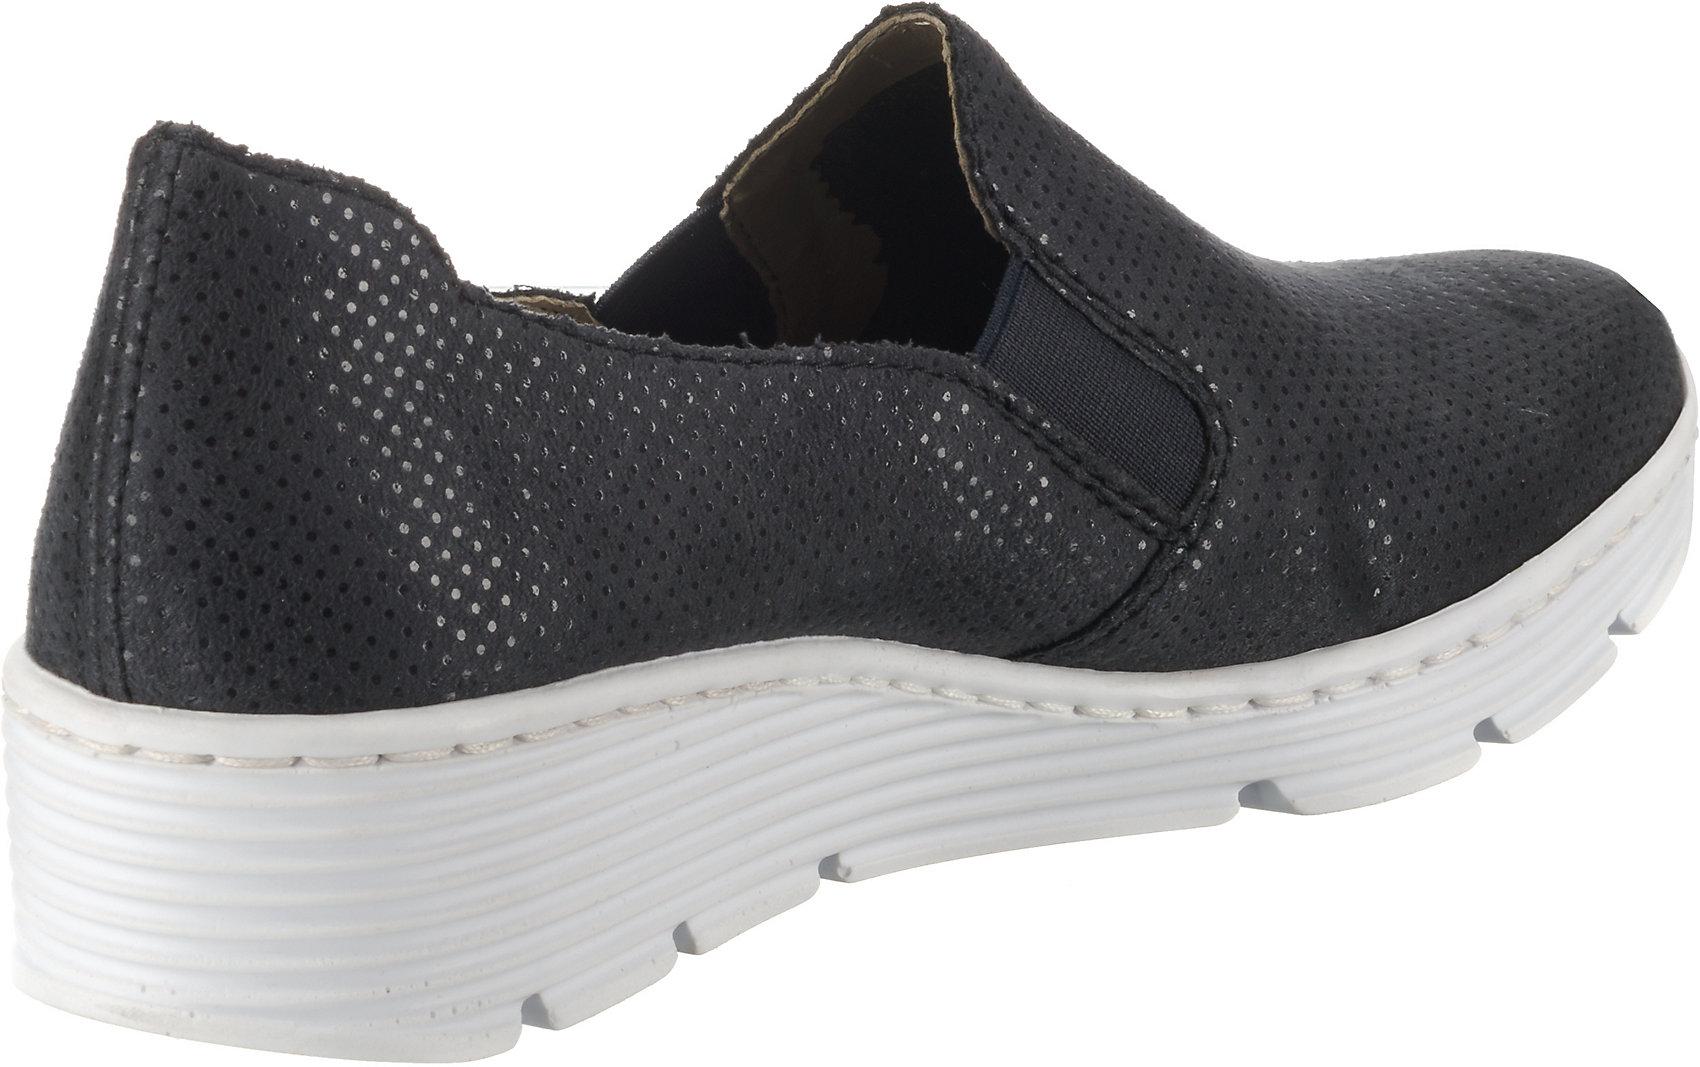 Neu rieker Komfort-Slipper 10130306 für Damen blau